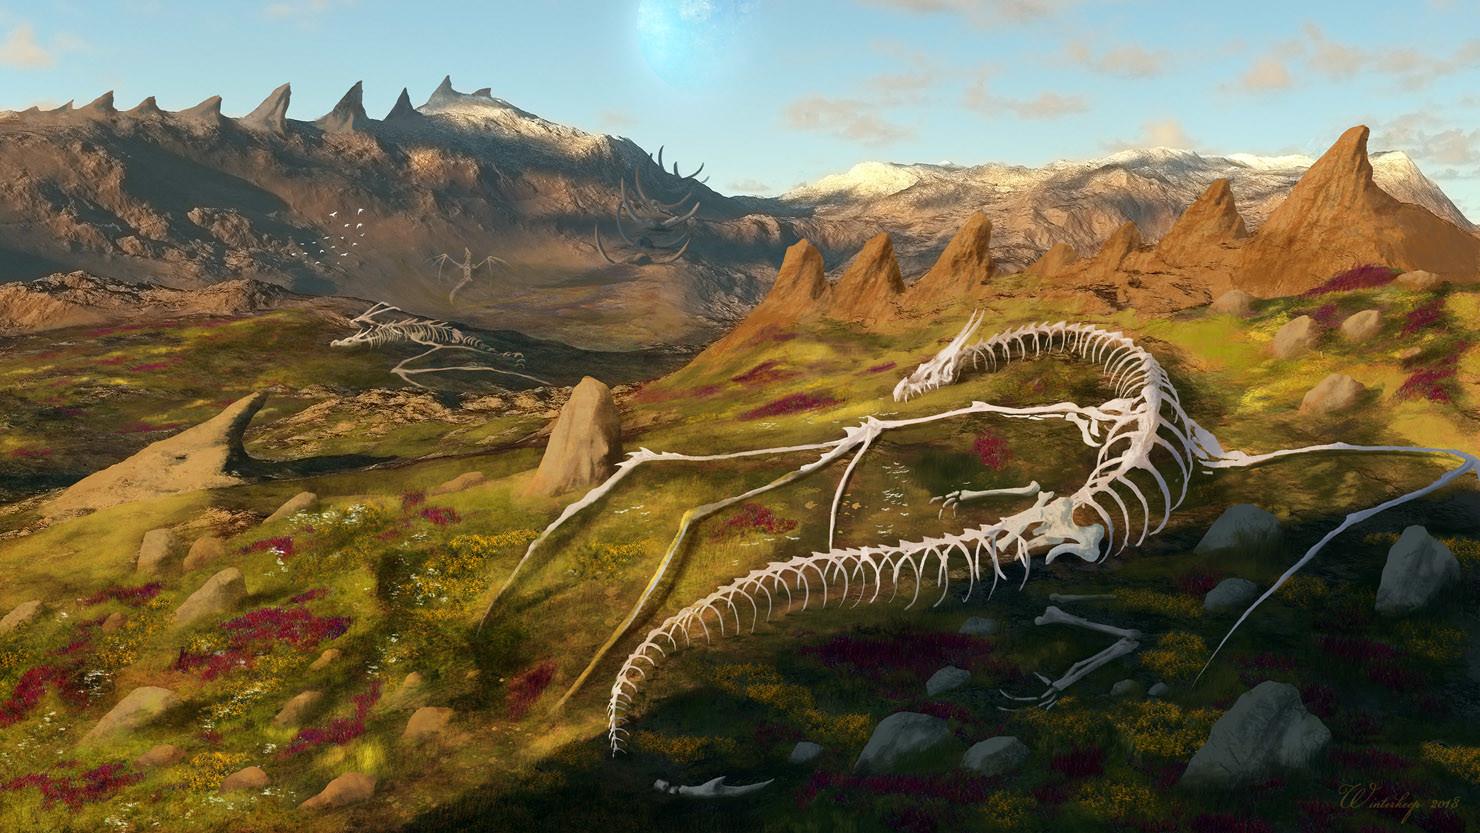 фото мир драконов полоски еще горячими